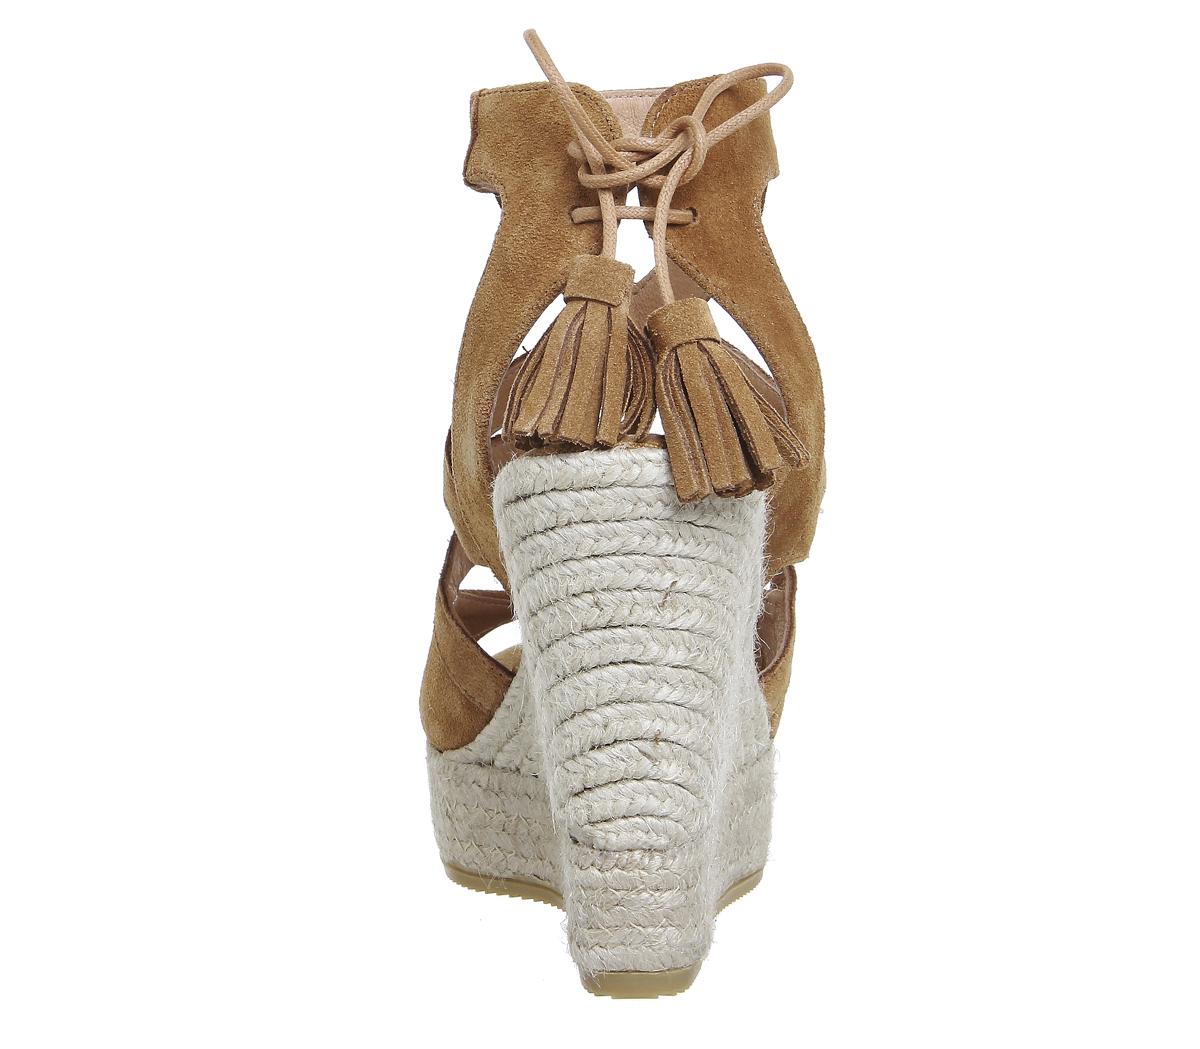 Damenschuhe Damenschuhe Damenschuhe Kanna Berti Back Tie Sandales TAN SUEDE 1459f9